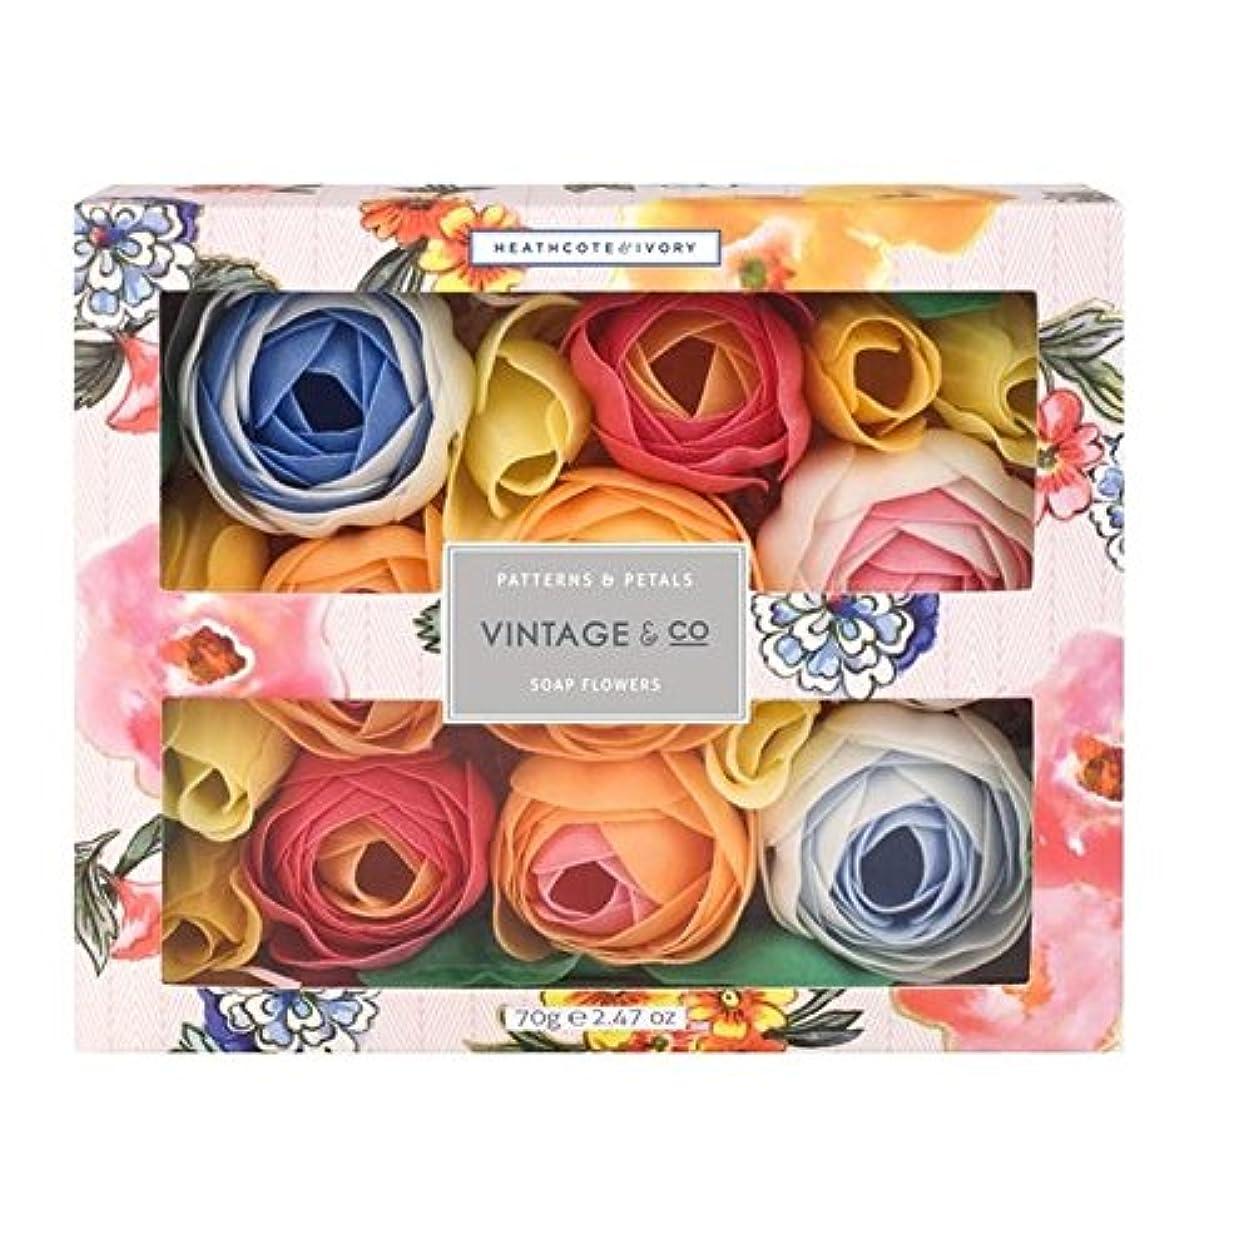 乳白寸前ラッシュHeathcote & Ivory Patterns & Petals Soap Flowers 70g (Pack of 6) - ヒースコート&アイボリーパターン&花びら石鹸の花70グラム x6 [並行輸入品]